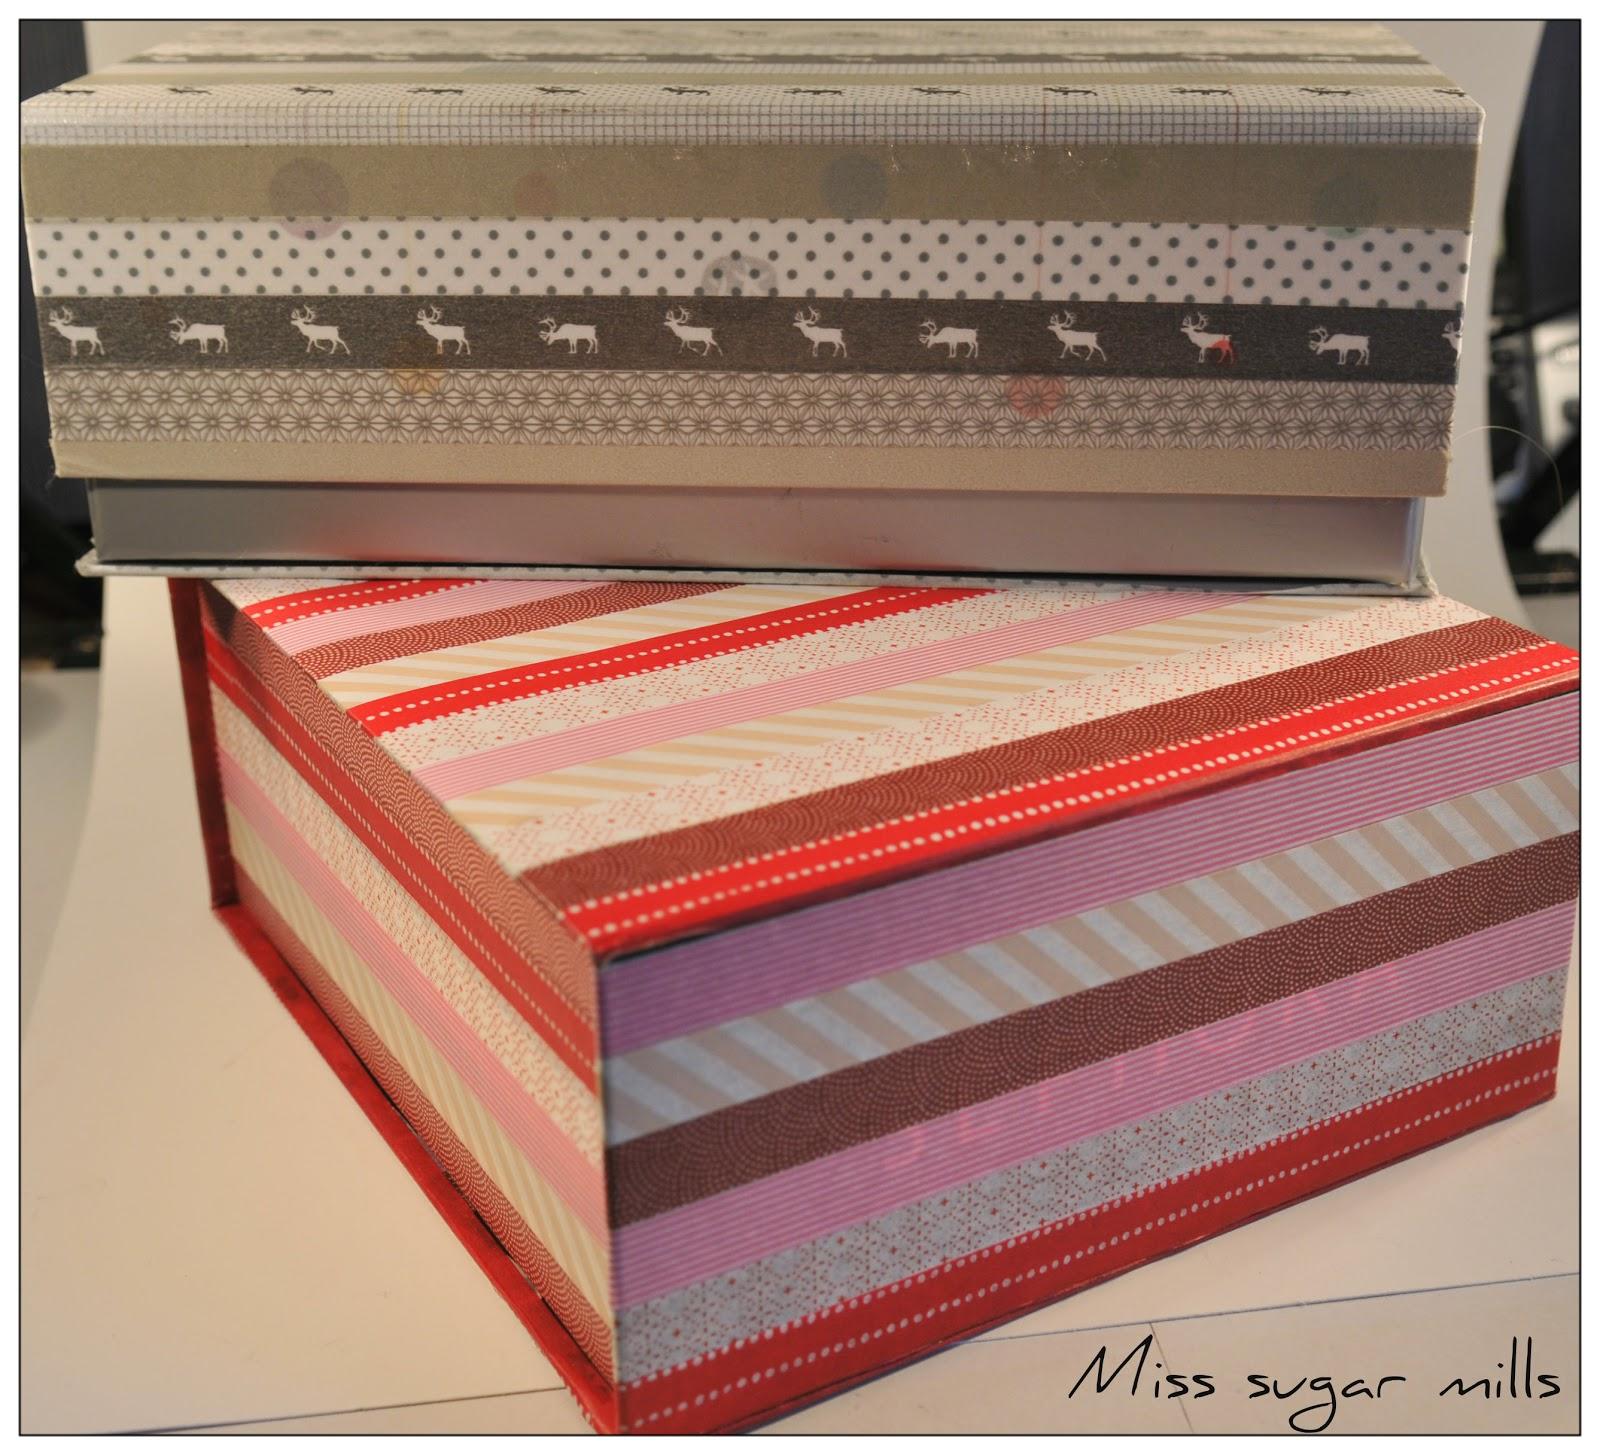 Miss sugar mills blog beaut diy boite sephora - Qu est ce que le masking tape ...